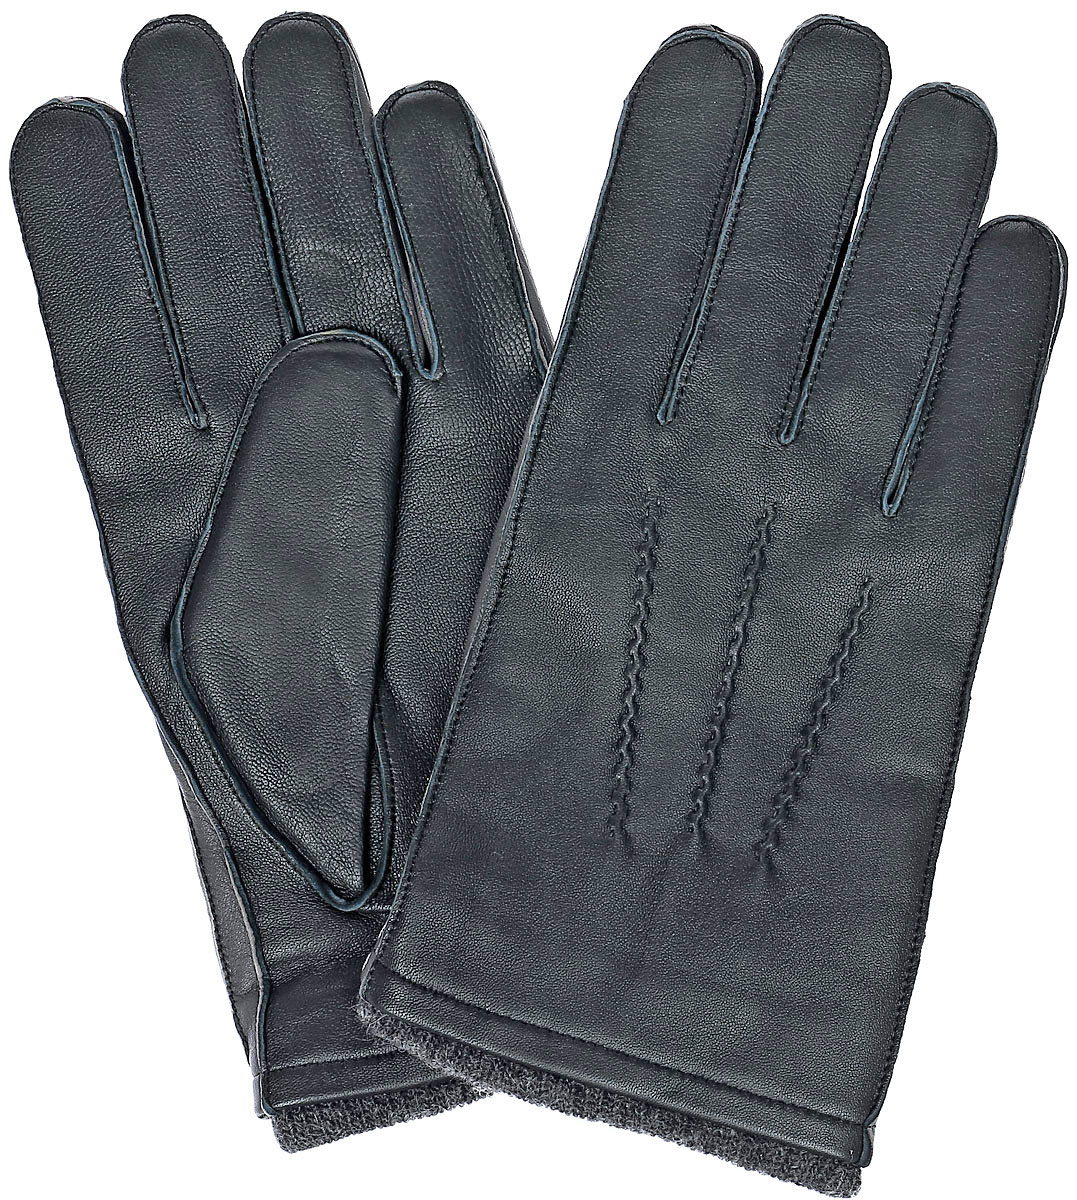 Перчатки мужские Fabretti, цвет: темно-серый. 12.48-9. Размер 912.48-9 greyСтильные мужские перчатки Fabretti не только защитят ваши руки, но и станут великолепным украшением. Перчатки выполнены из натуральной кожи ягненка, а их подкладка - из высококачественной шерсти с добавлением кашемира.Модель дополнена декоративными швами в виде трех лучей. Перчатки имеют строчки-стежки на запястье, которые придают большее удобство при носке.Стильный аксессуар для повседневного образа.